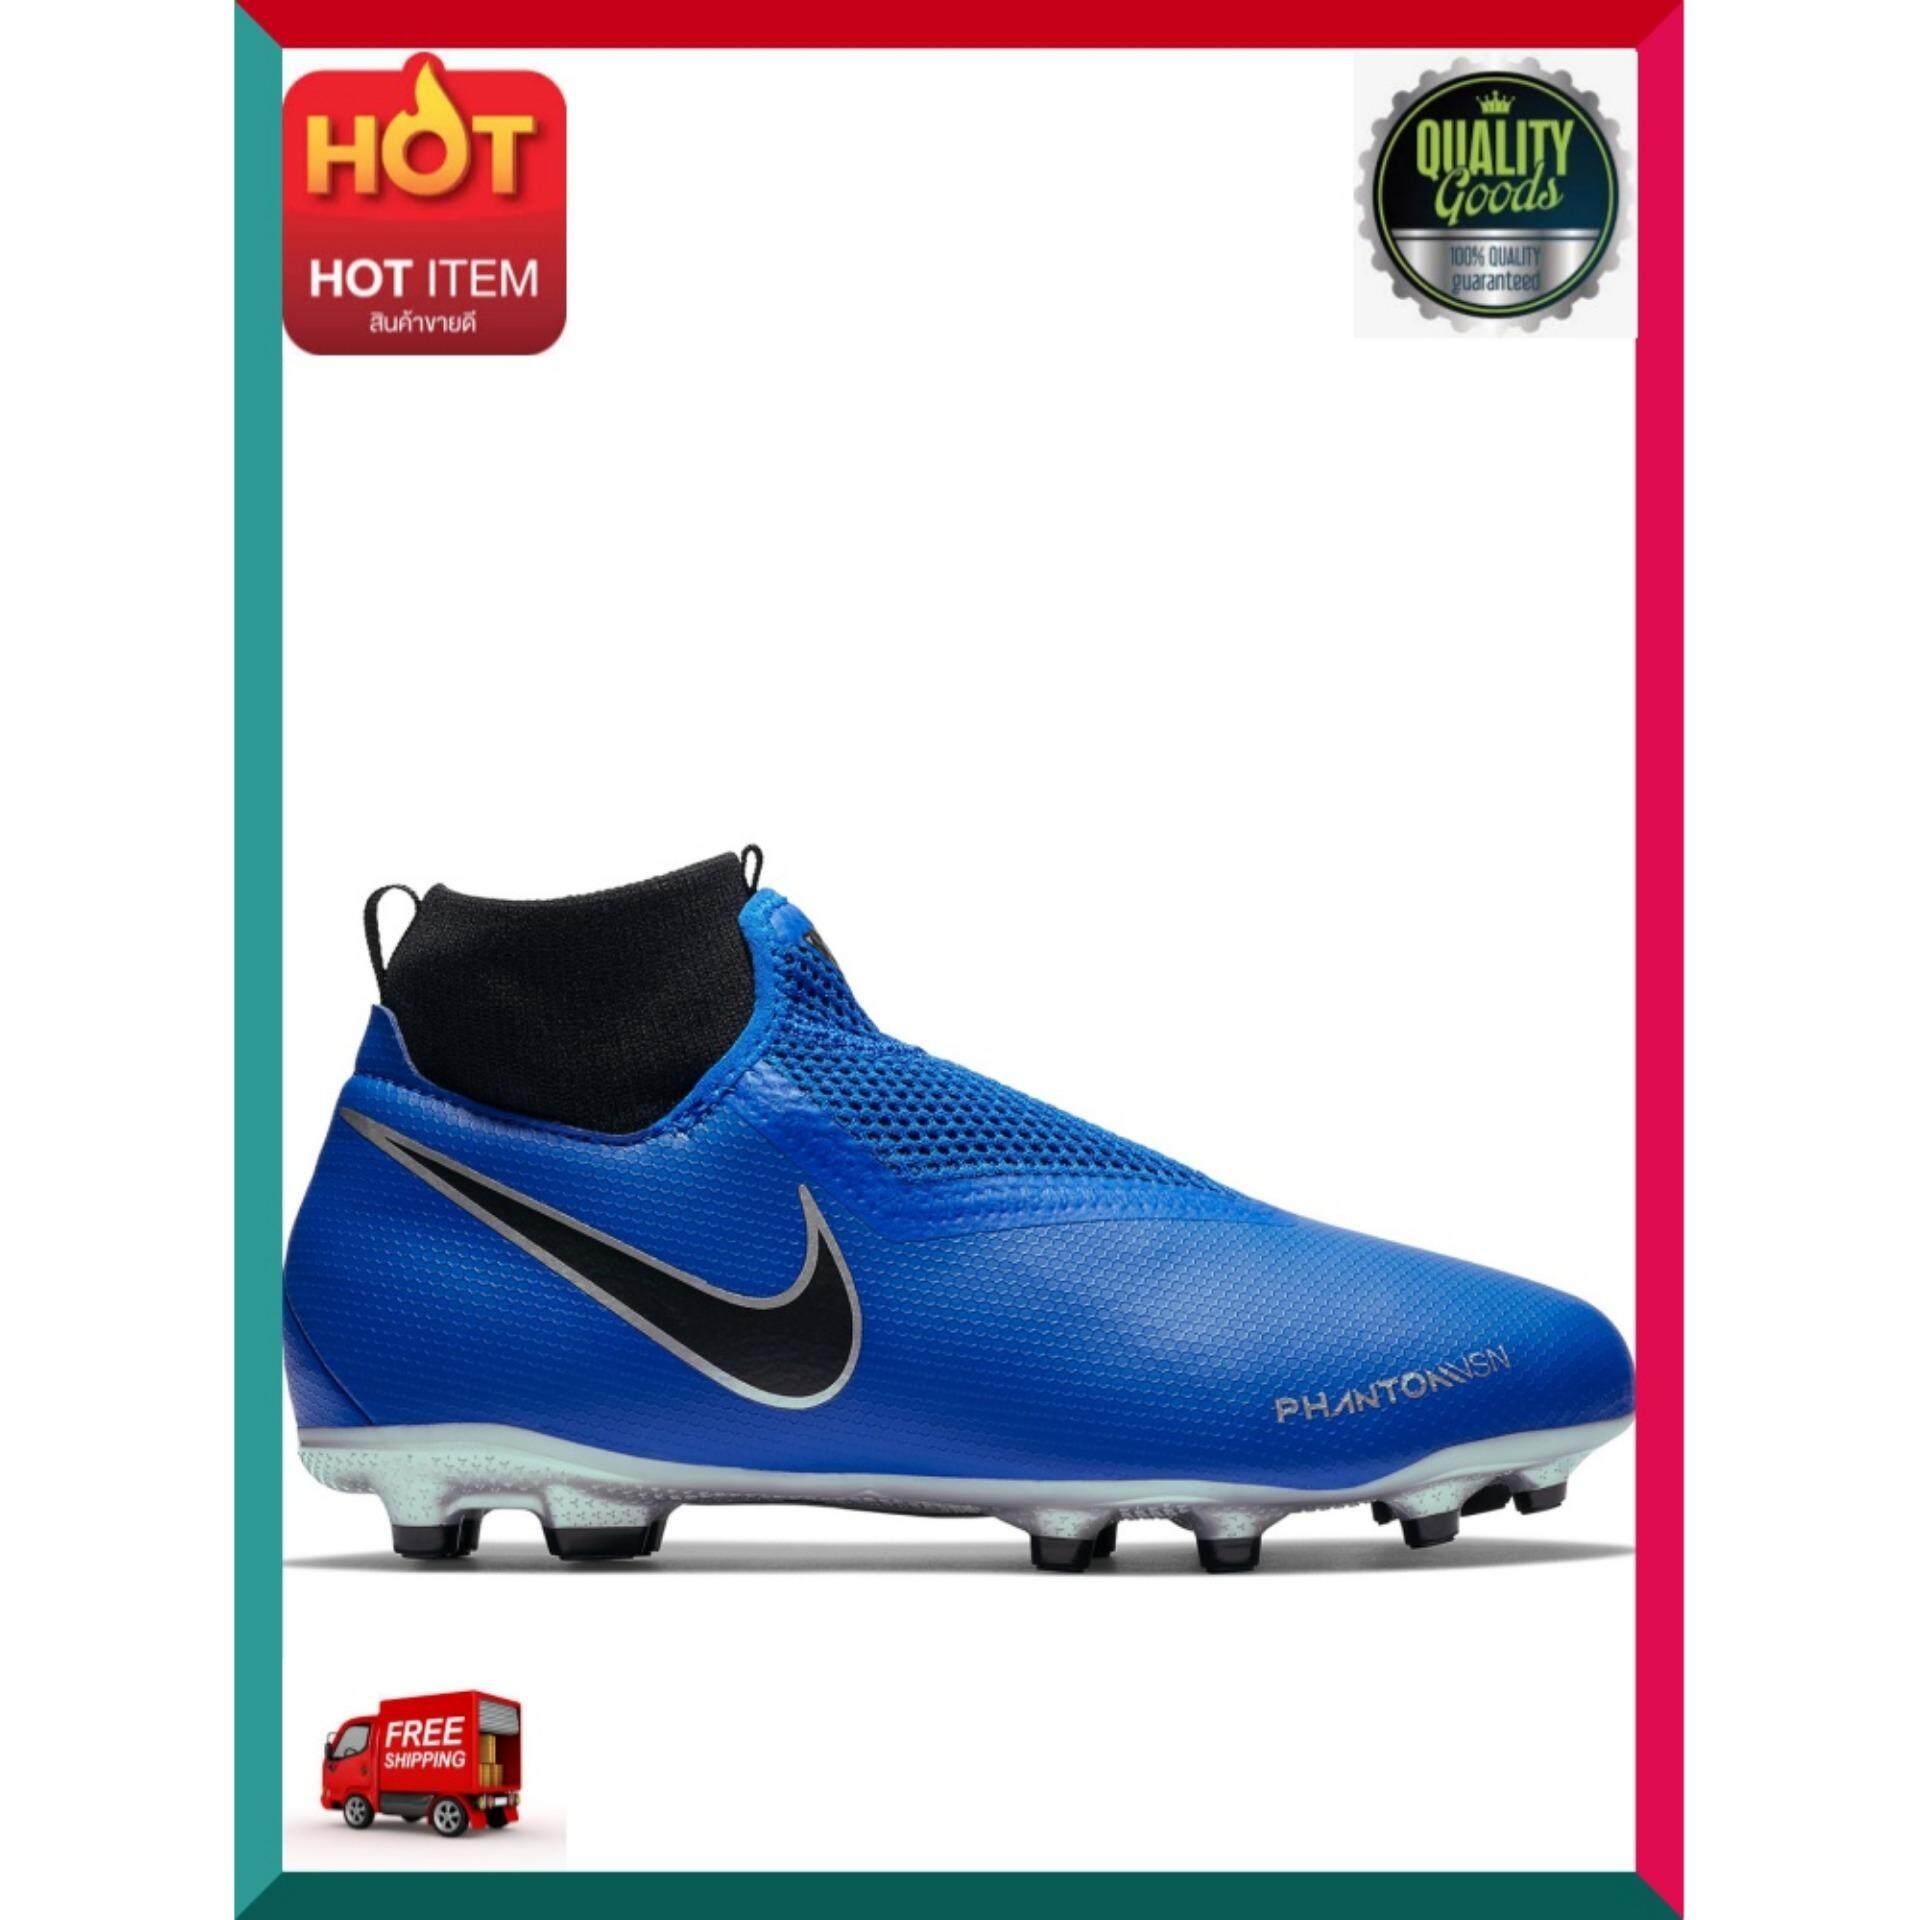 ด่วน! ของมีจำนวนจำกัด Nike รองเท้าฟุตบอลเด็ก Phantom Vsn Acadamy Df Fg/mg Ao3287-400 ไซส์ 5y สี Racer Blue-Black สินค้าคุณภาพ By Happy Mindset.